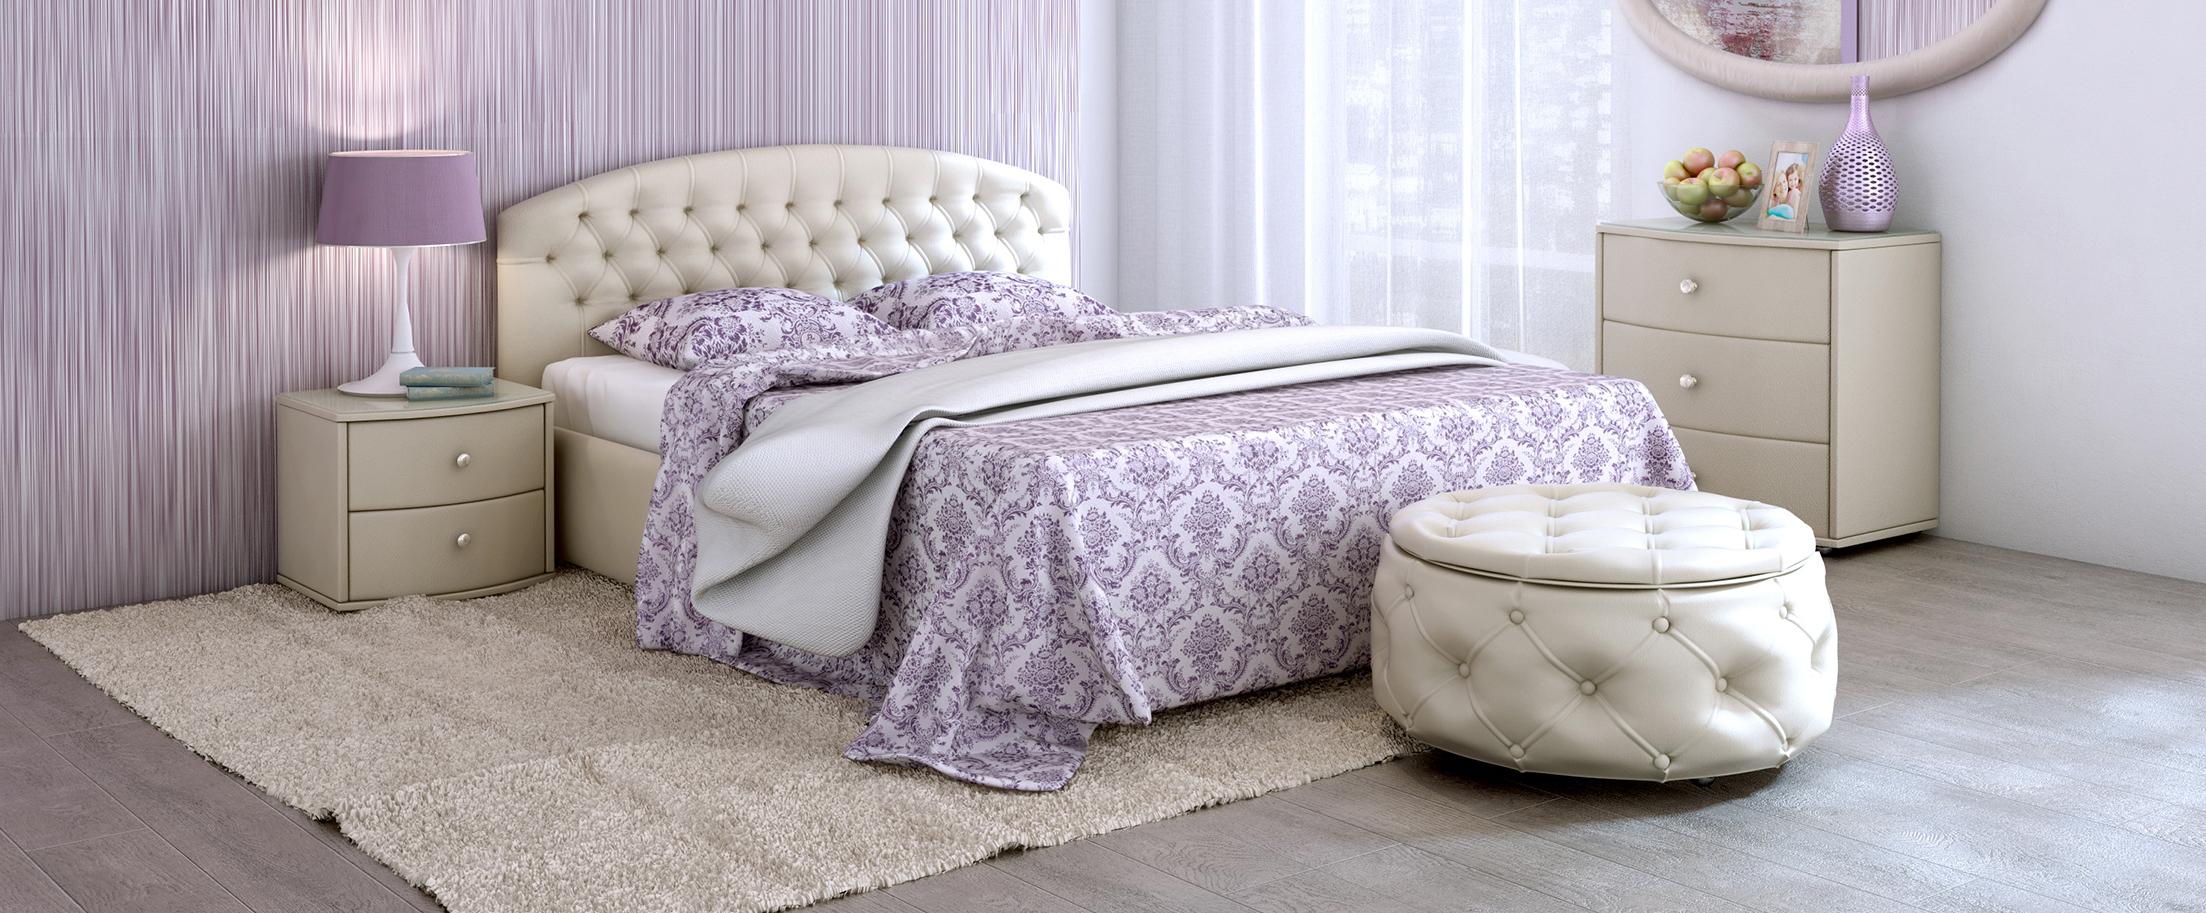 Кровать двуспальная Пальмира Модель 380Изящная модель со скруглённой спинкой. Благодаря лаконичности форм и прекрасным цветовым решениям эта кровать cделает любой интерьер легким и элегантным.<br>